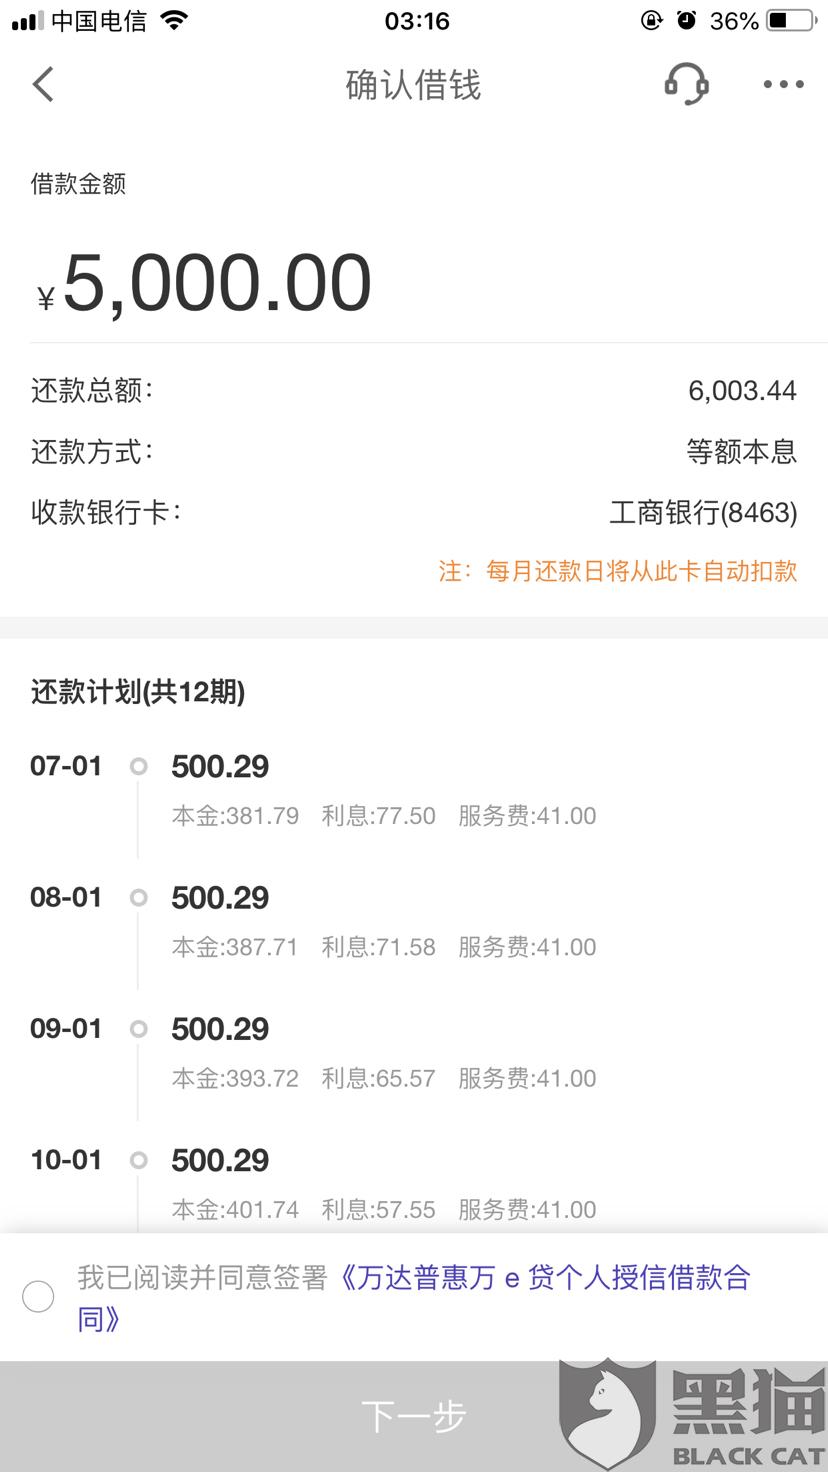 黑猫投诉:投诉京东金融万达普惠借款利息高服务费更高